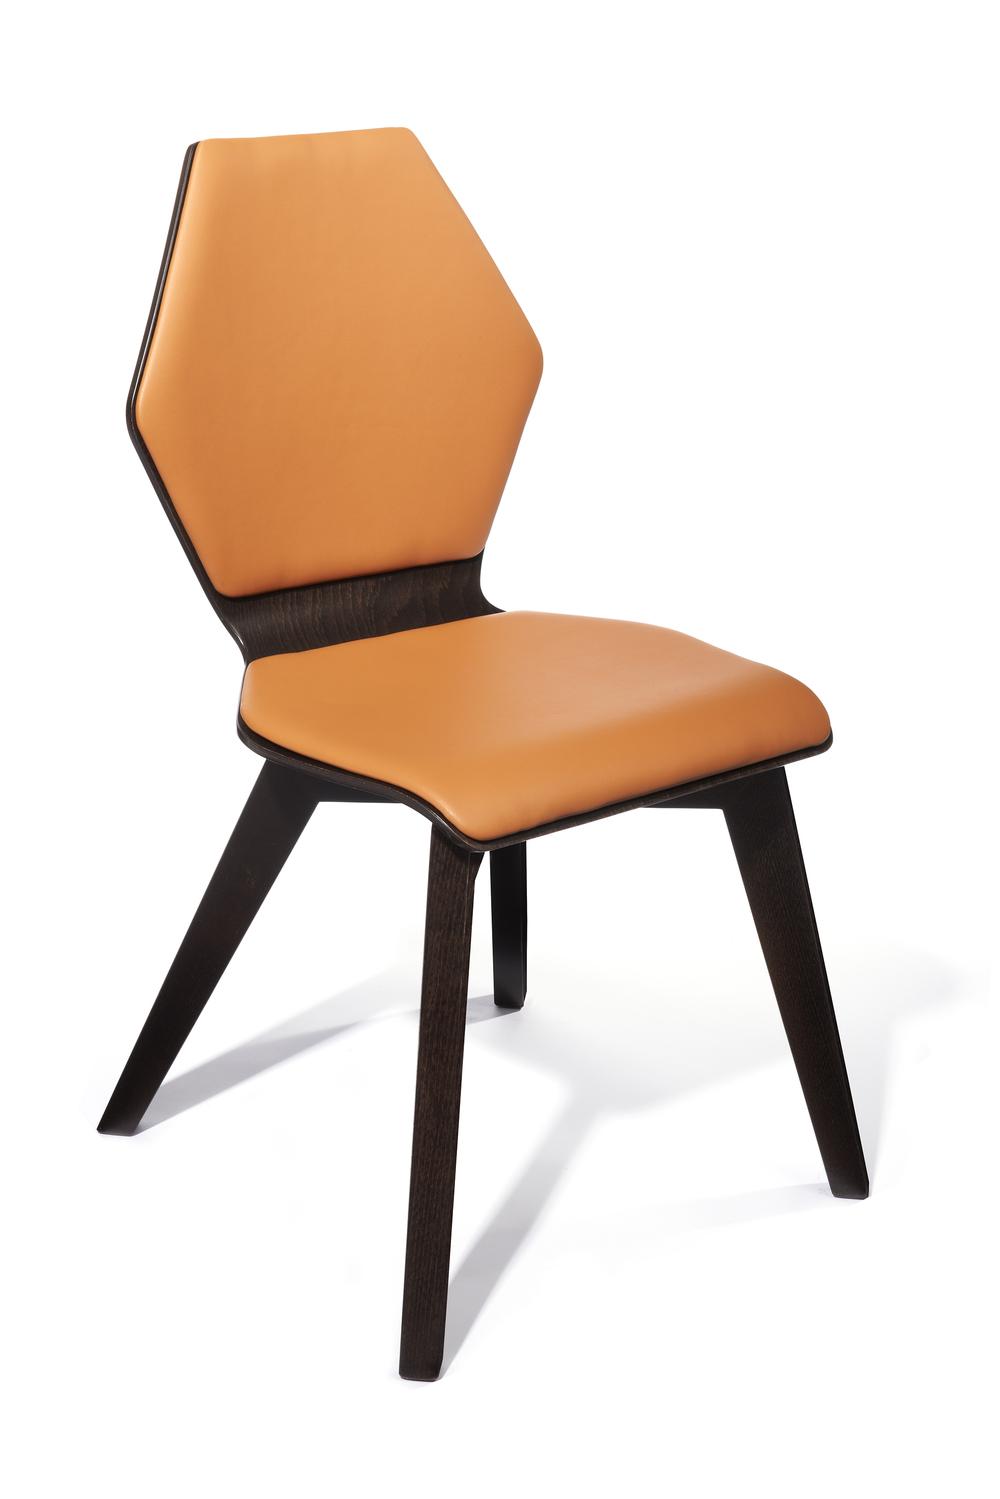 Chair00104.jpg